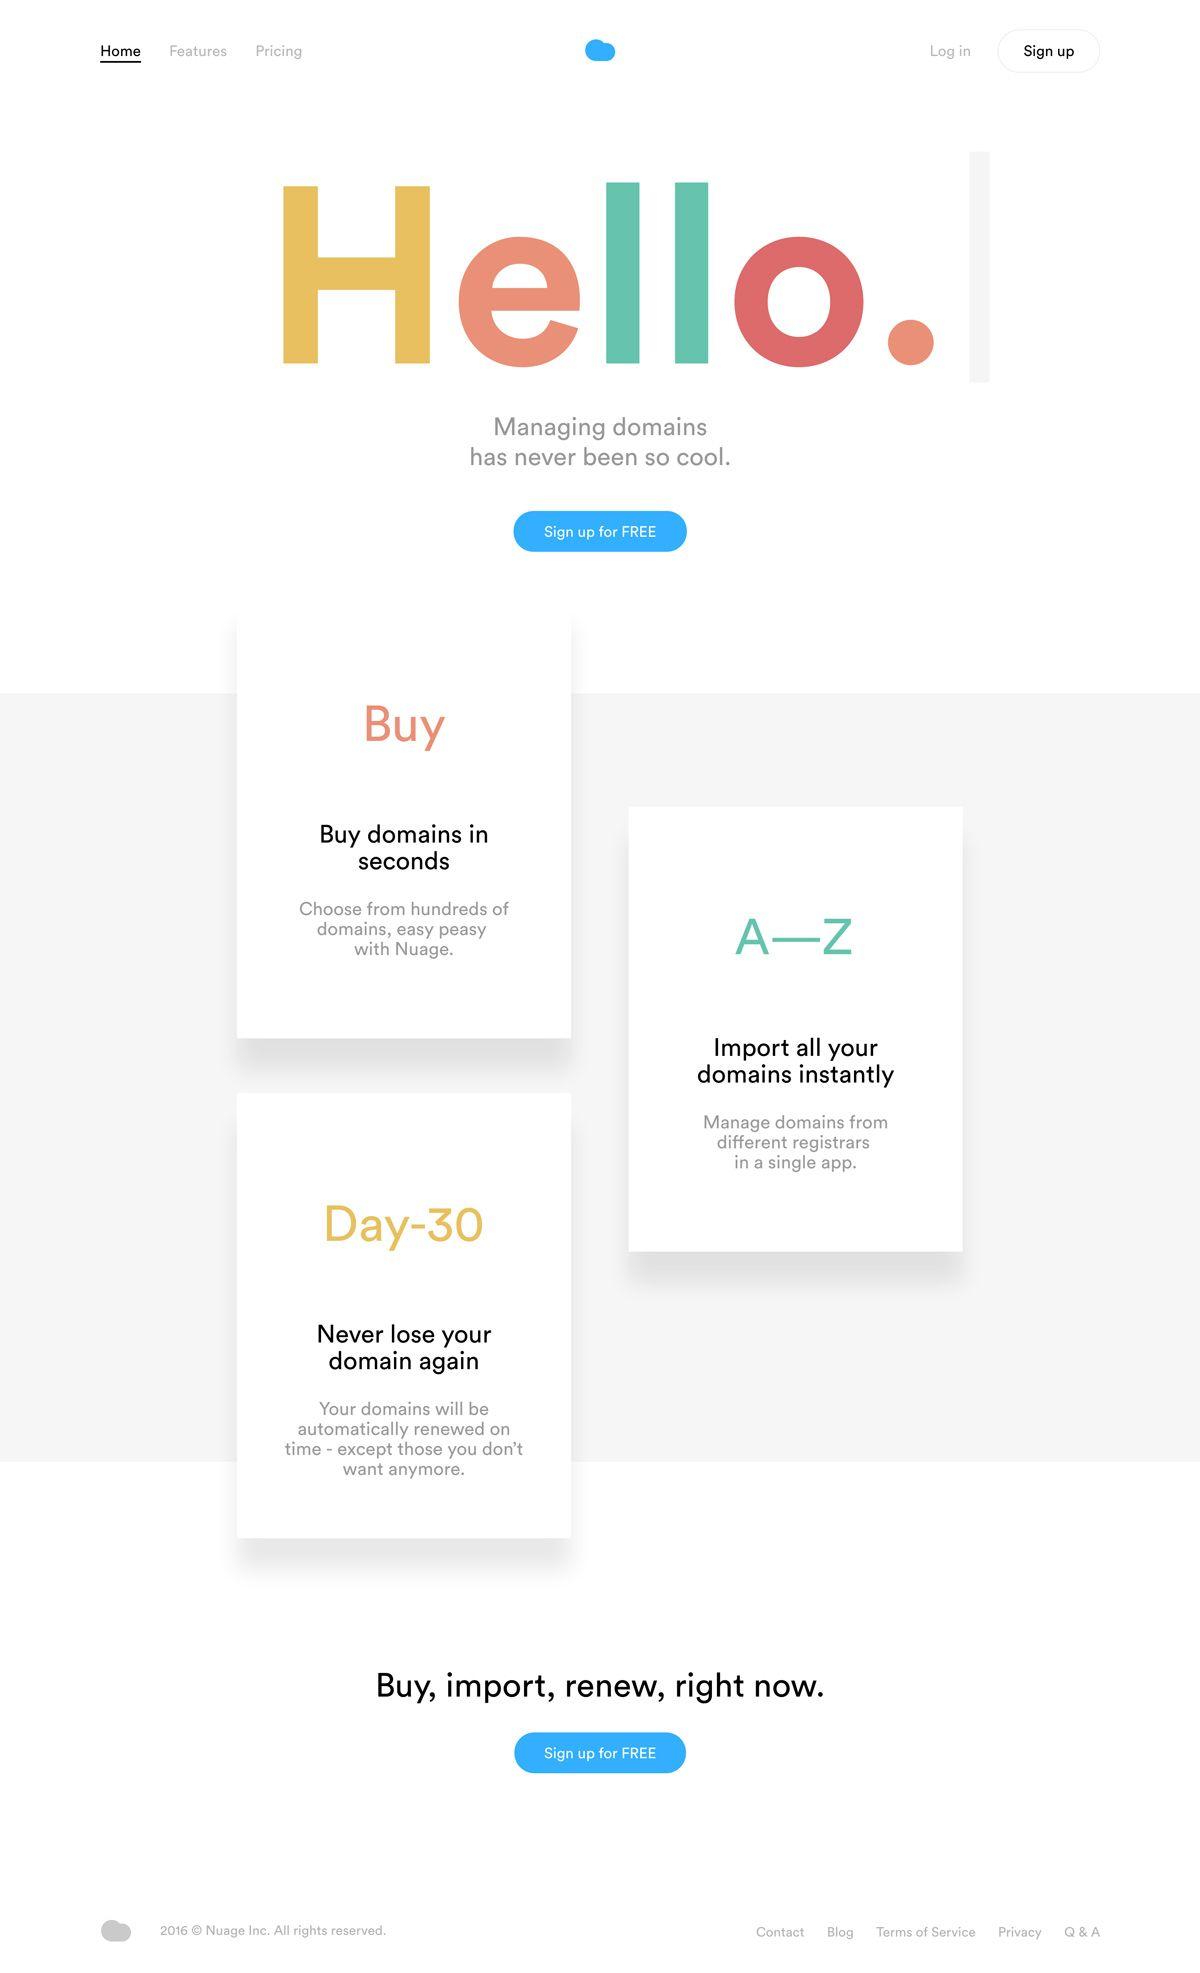 Nuage Mindsparkle Mag Web Design Web Design Inspiration Best Landing Page Design